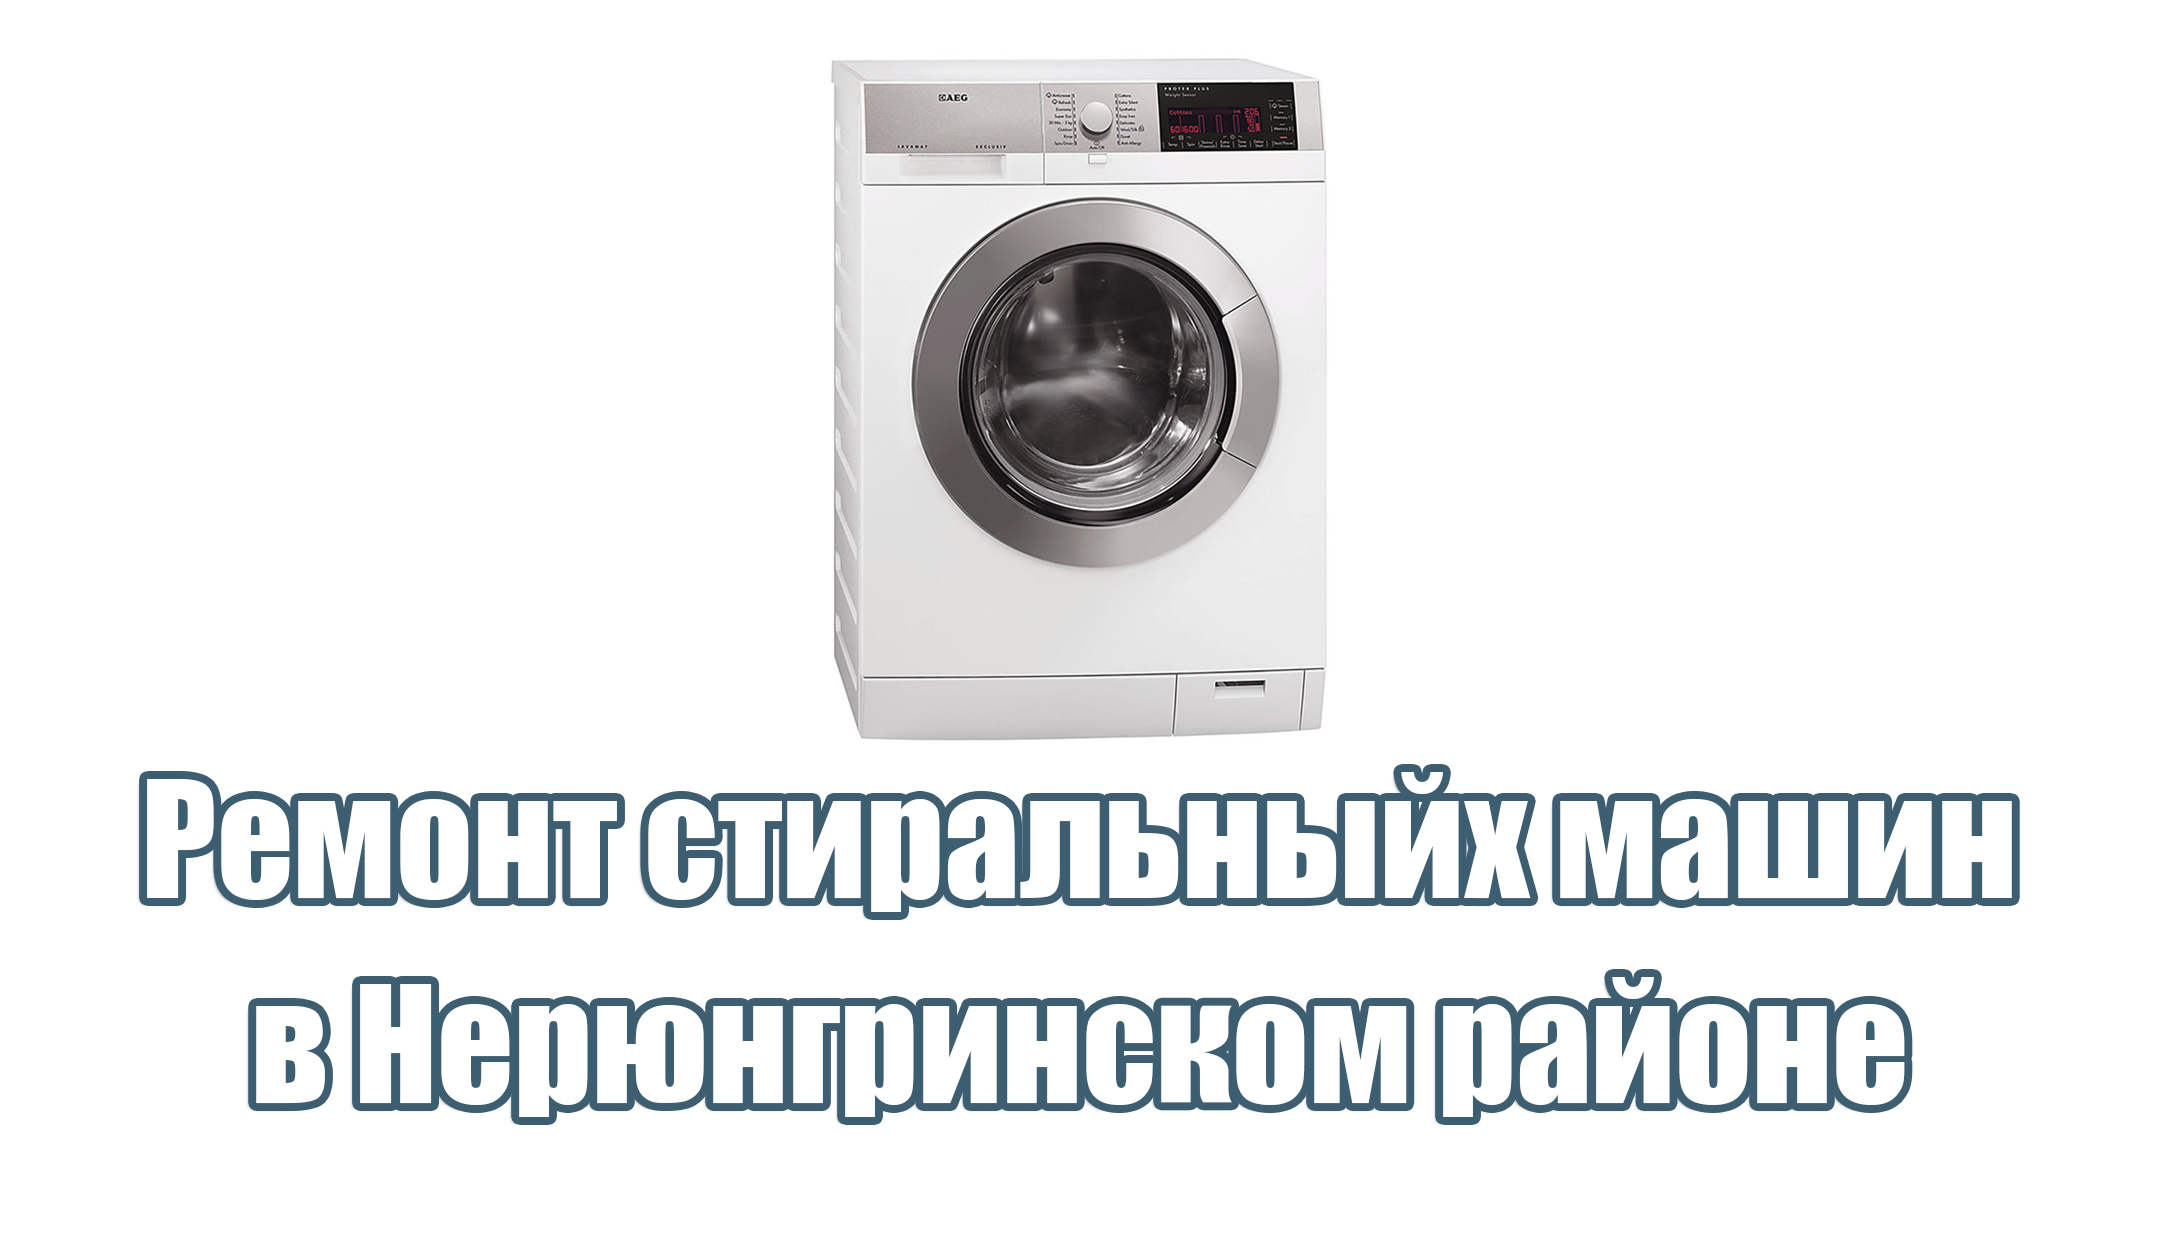 Ремонт стиральных машин в нерюнгринском районе